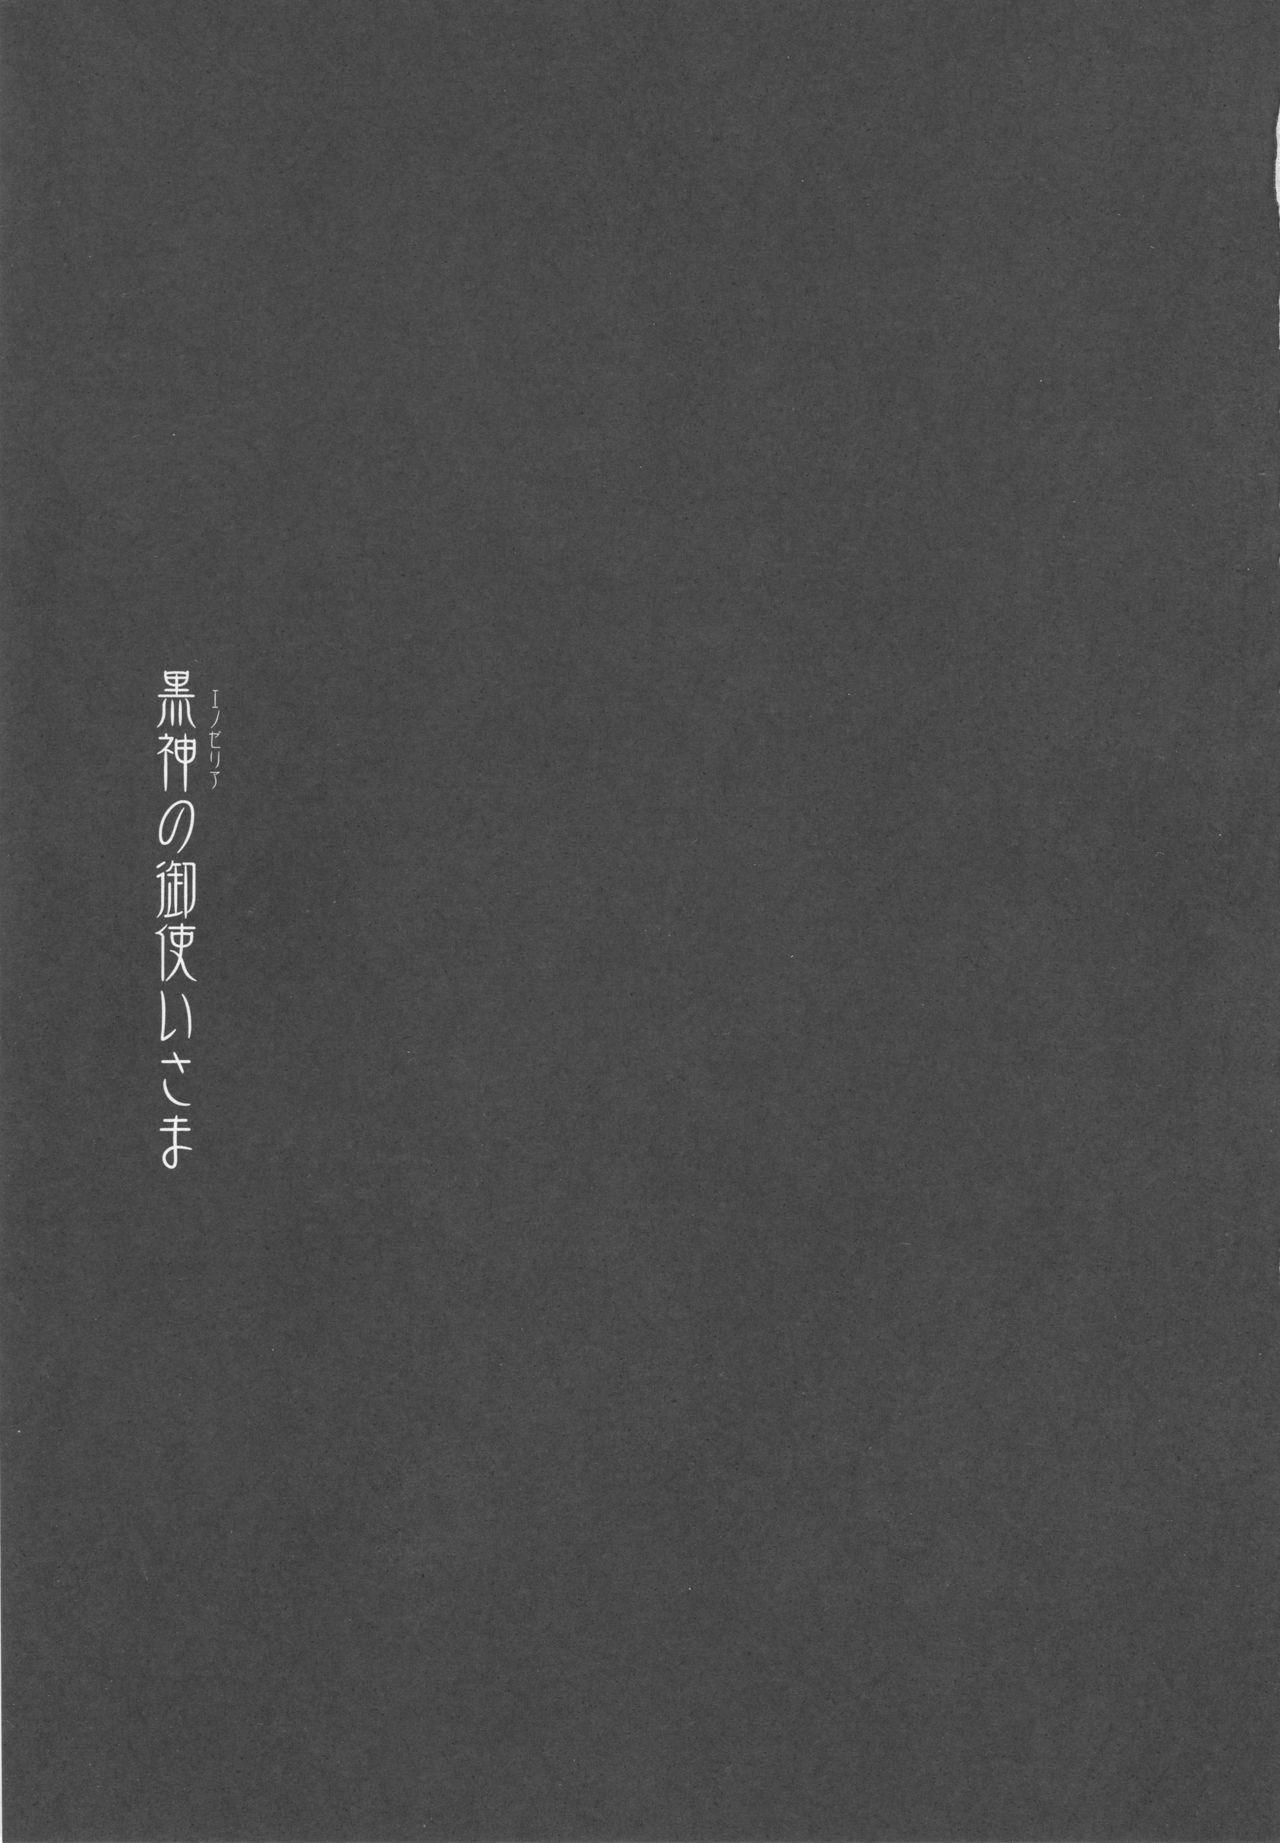 Kurokami no Otsukai-sama 1